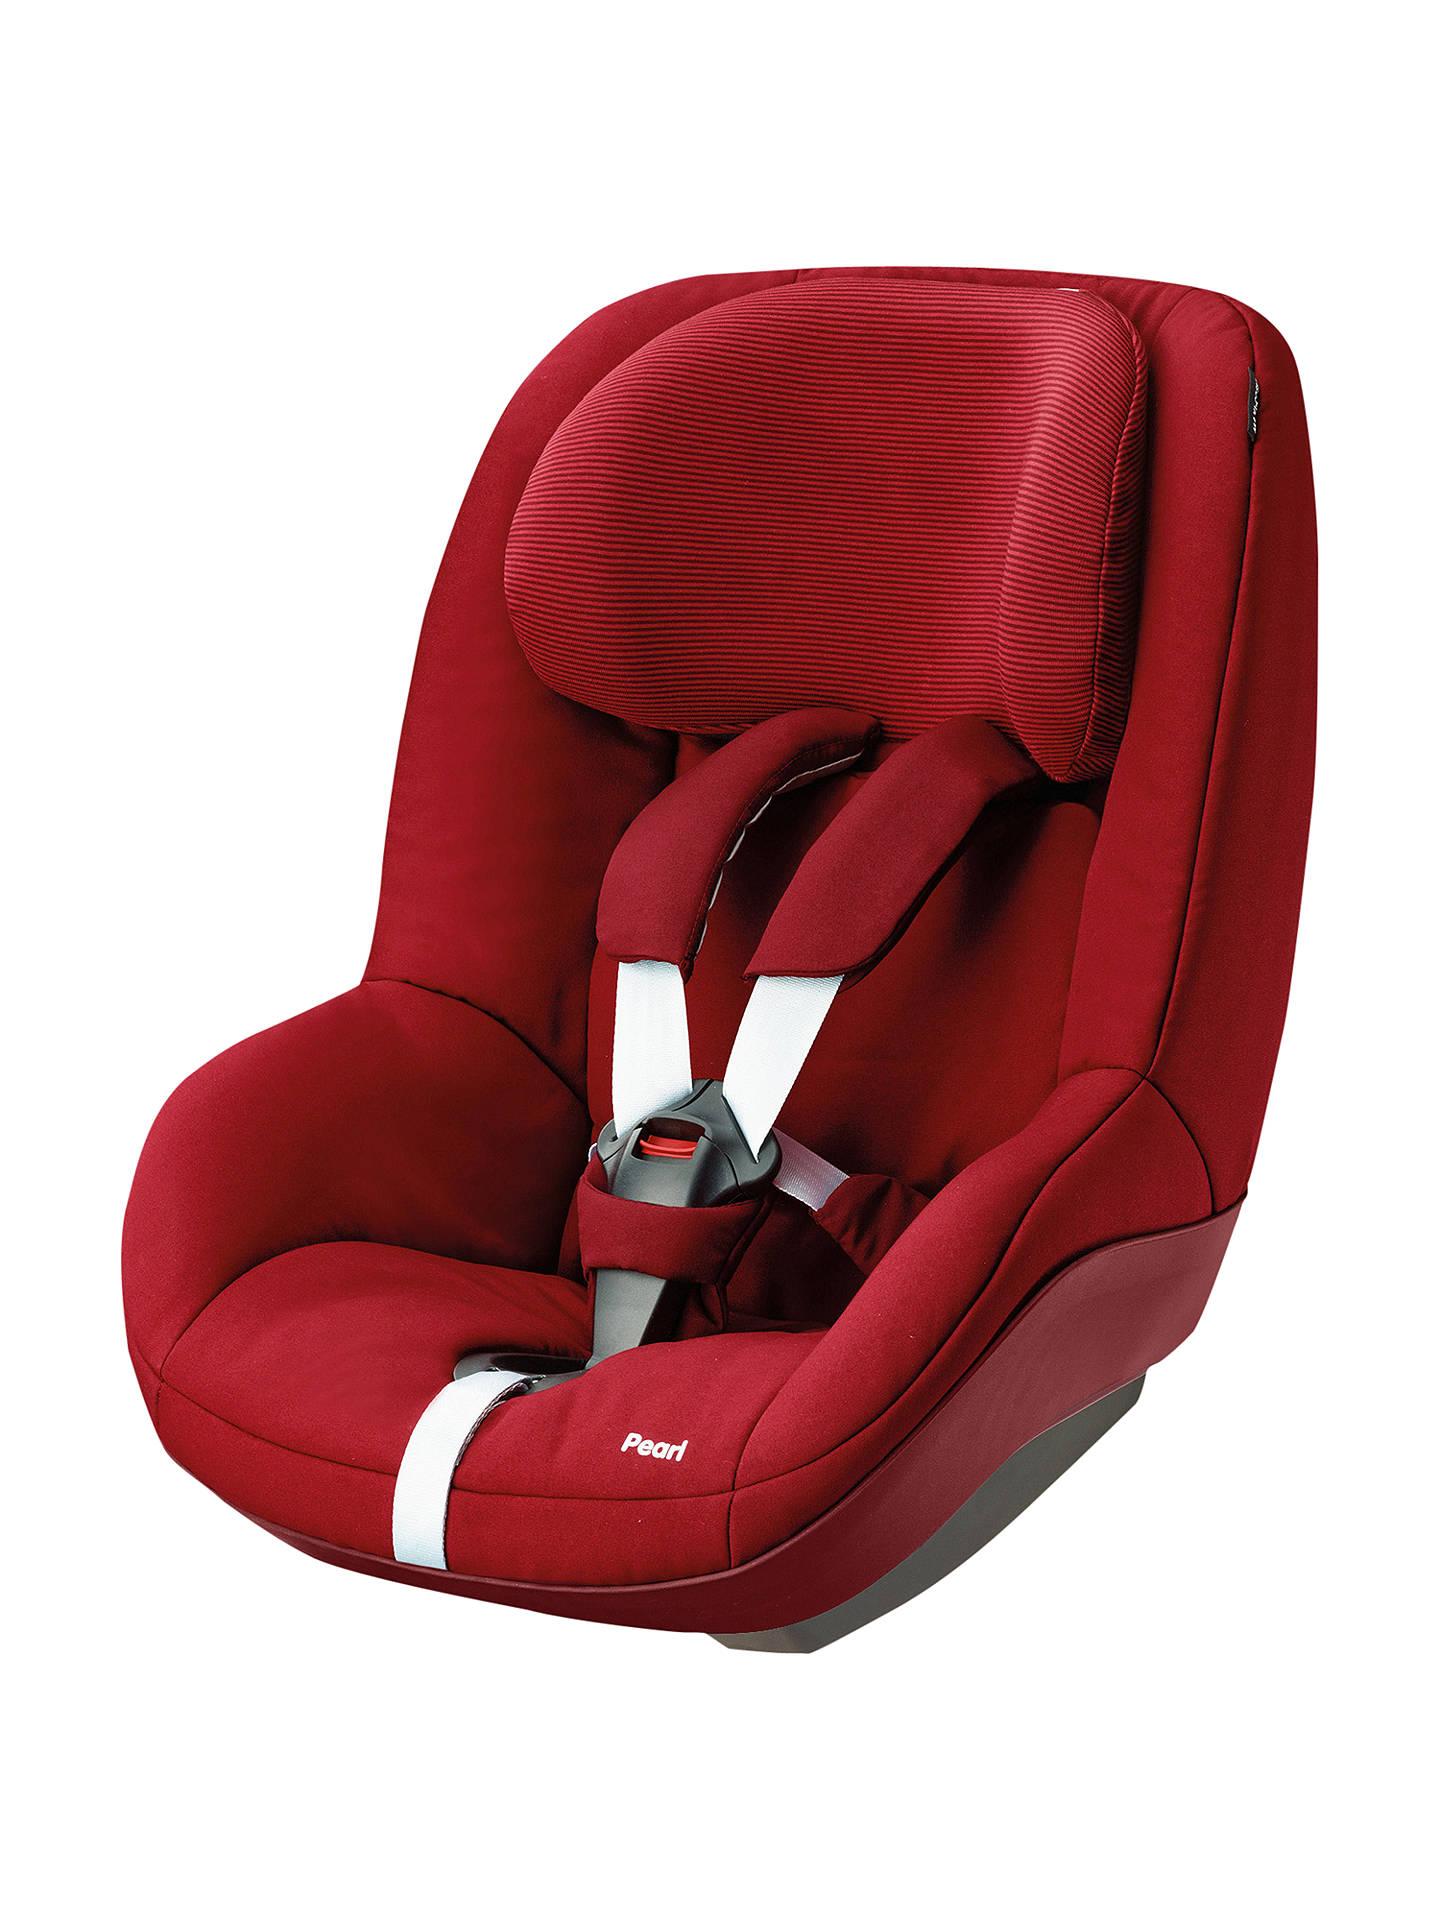 Maxi Cosi Pearl Group 1 Car Seat Robin Red